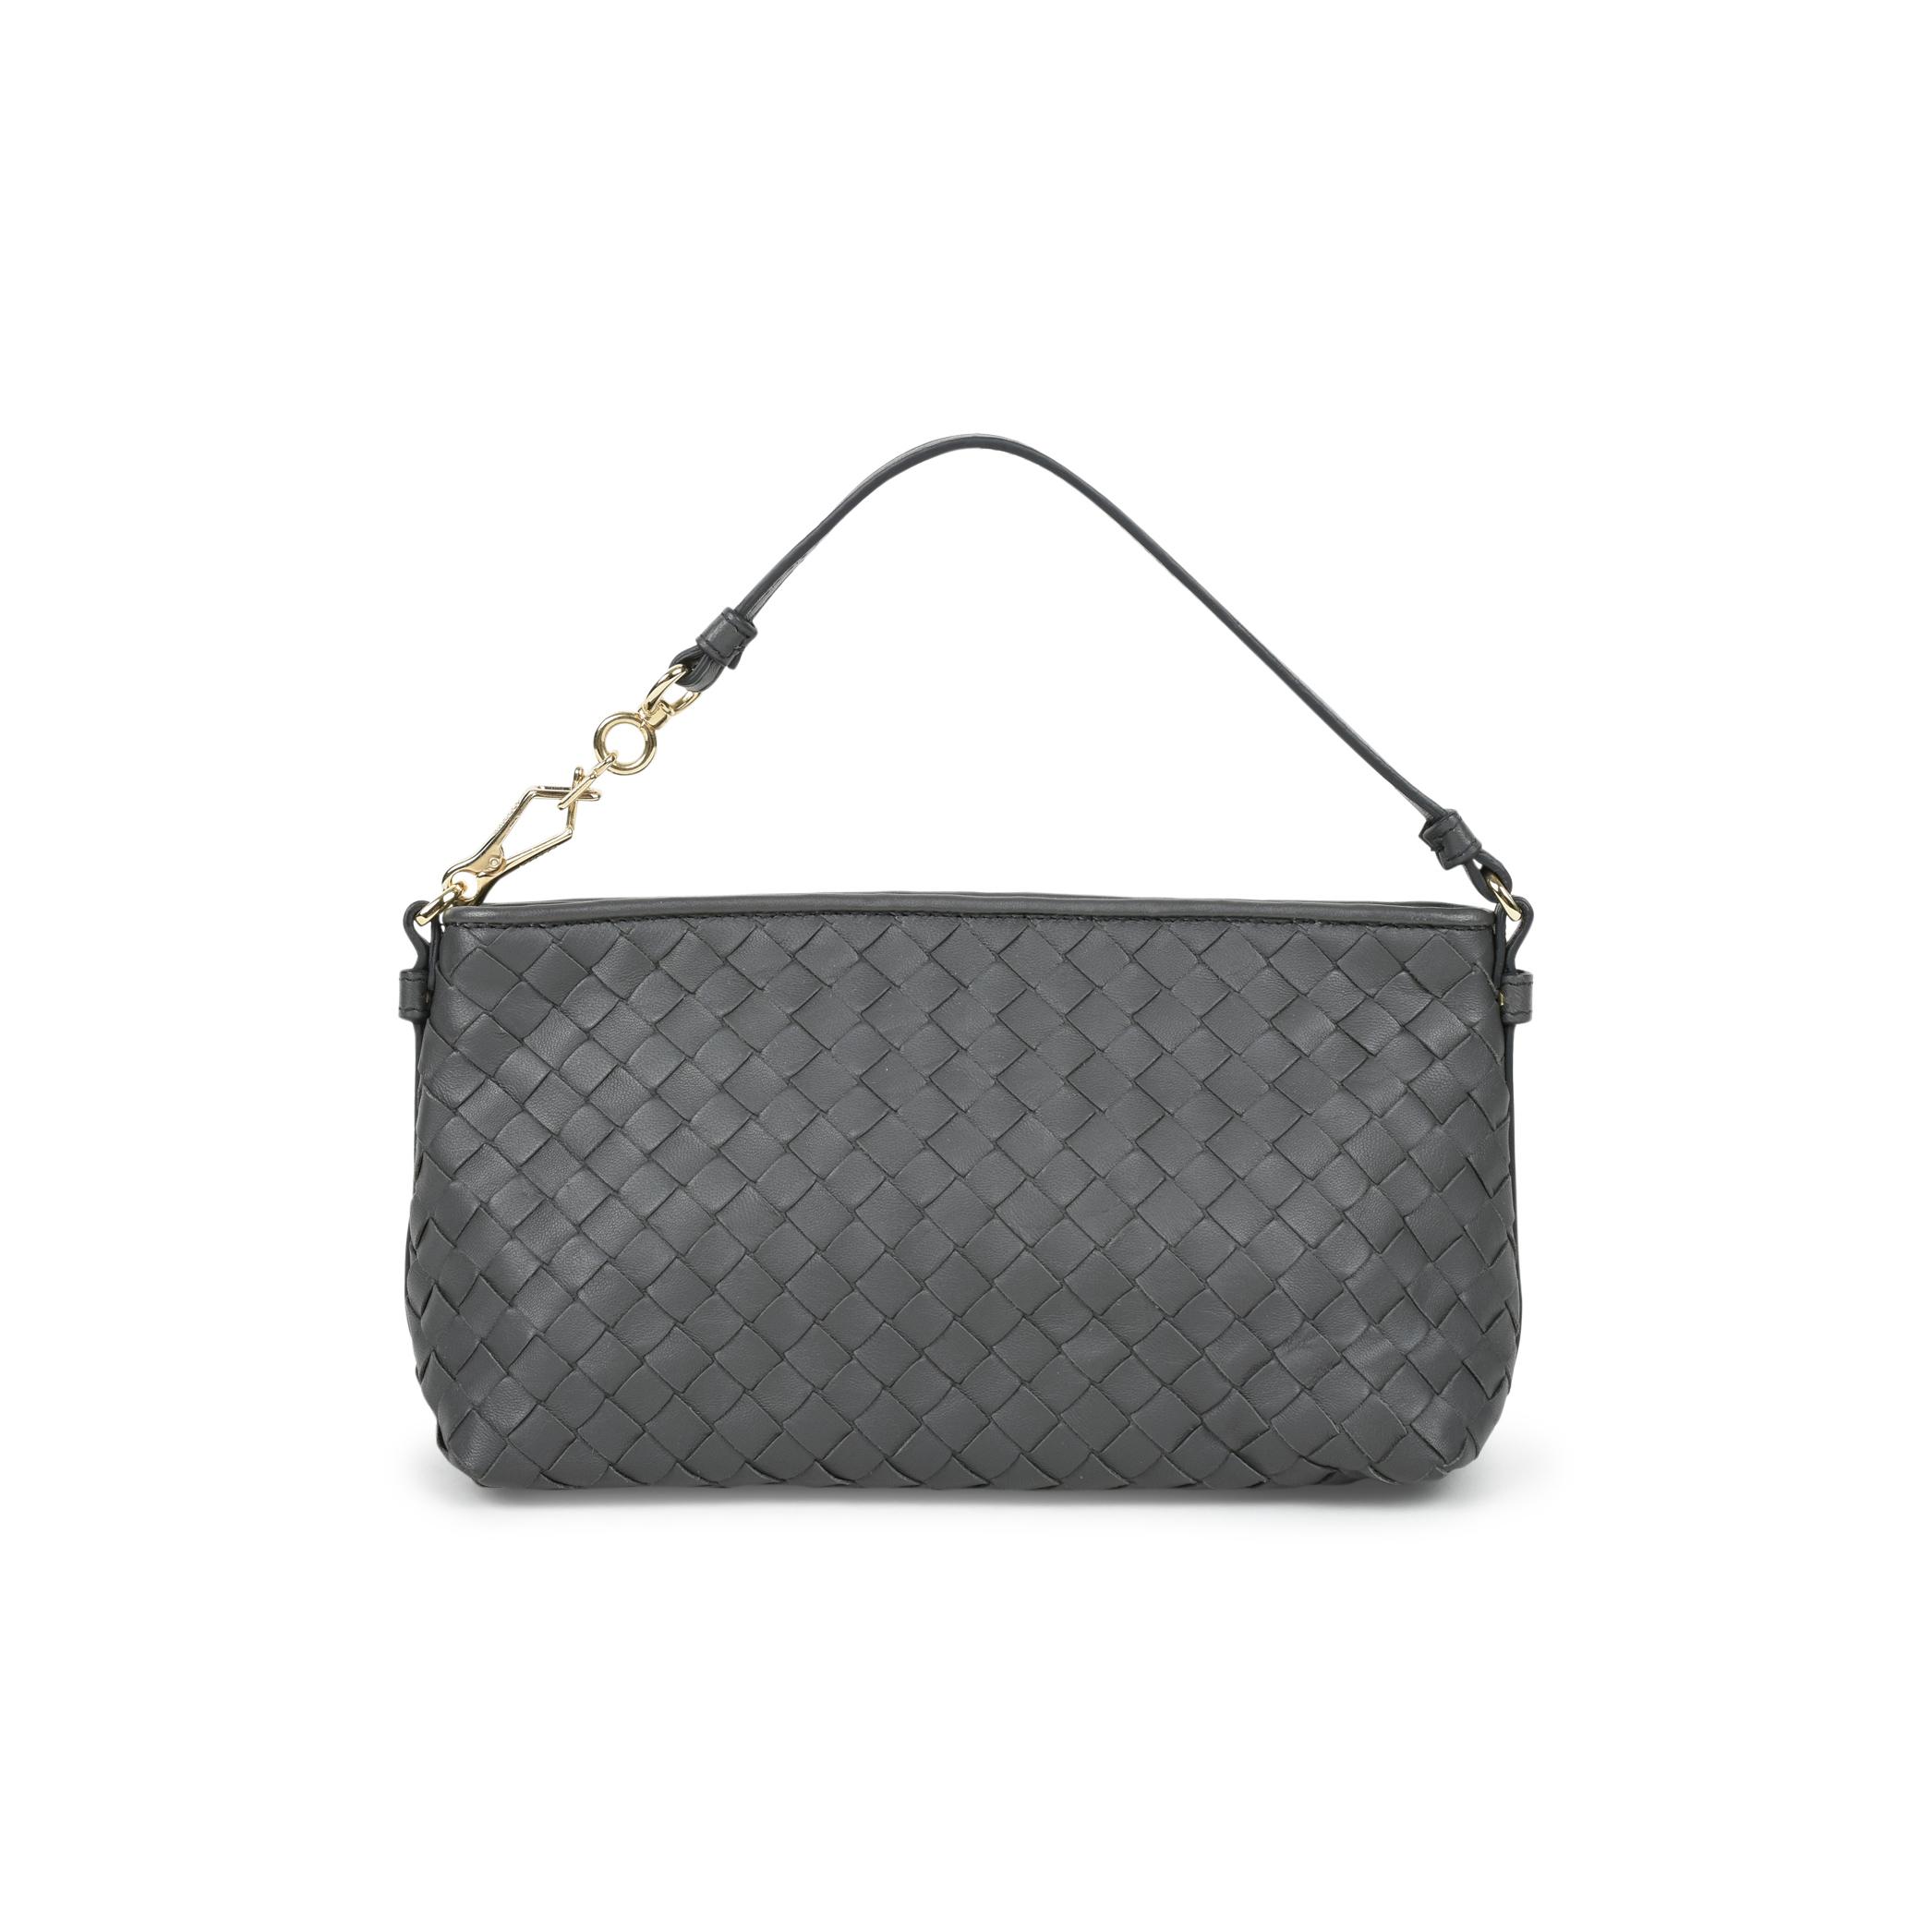 4e1d30c2a3 Authentic Second Hand Bottega Veneta Intrecciato Mini Shoulder Bag  (PSS-472-00005)